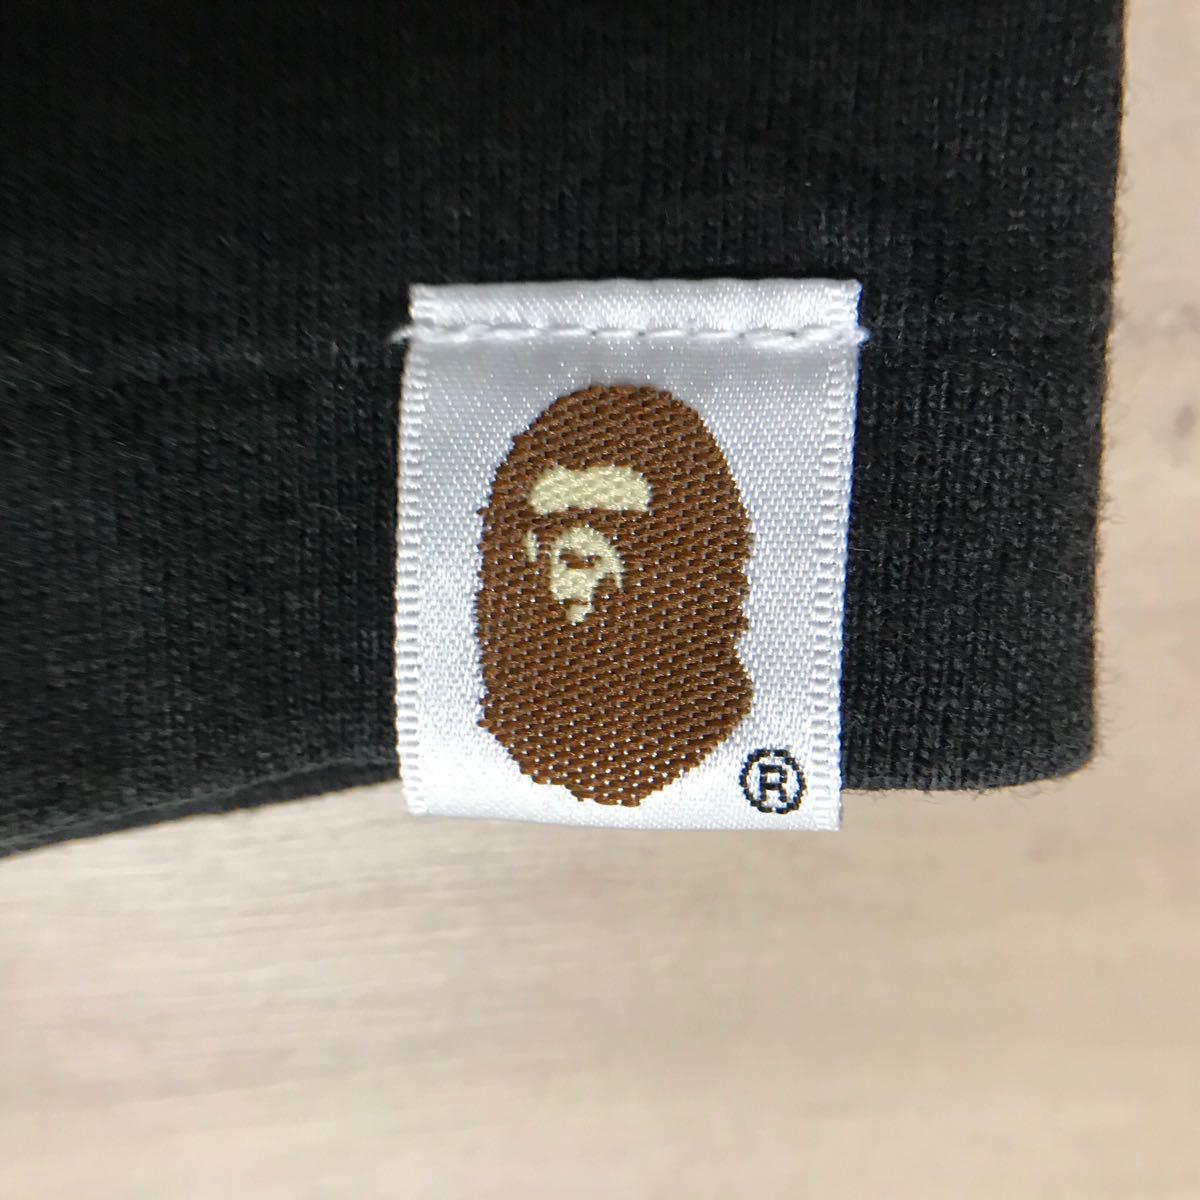 ★前橋限定★ maebashi city camo mad face Tシャツ Mサイズ a bathing ape bape エイプ ベイプ アベイシングエイプ store limited color